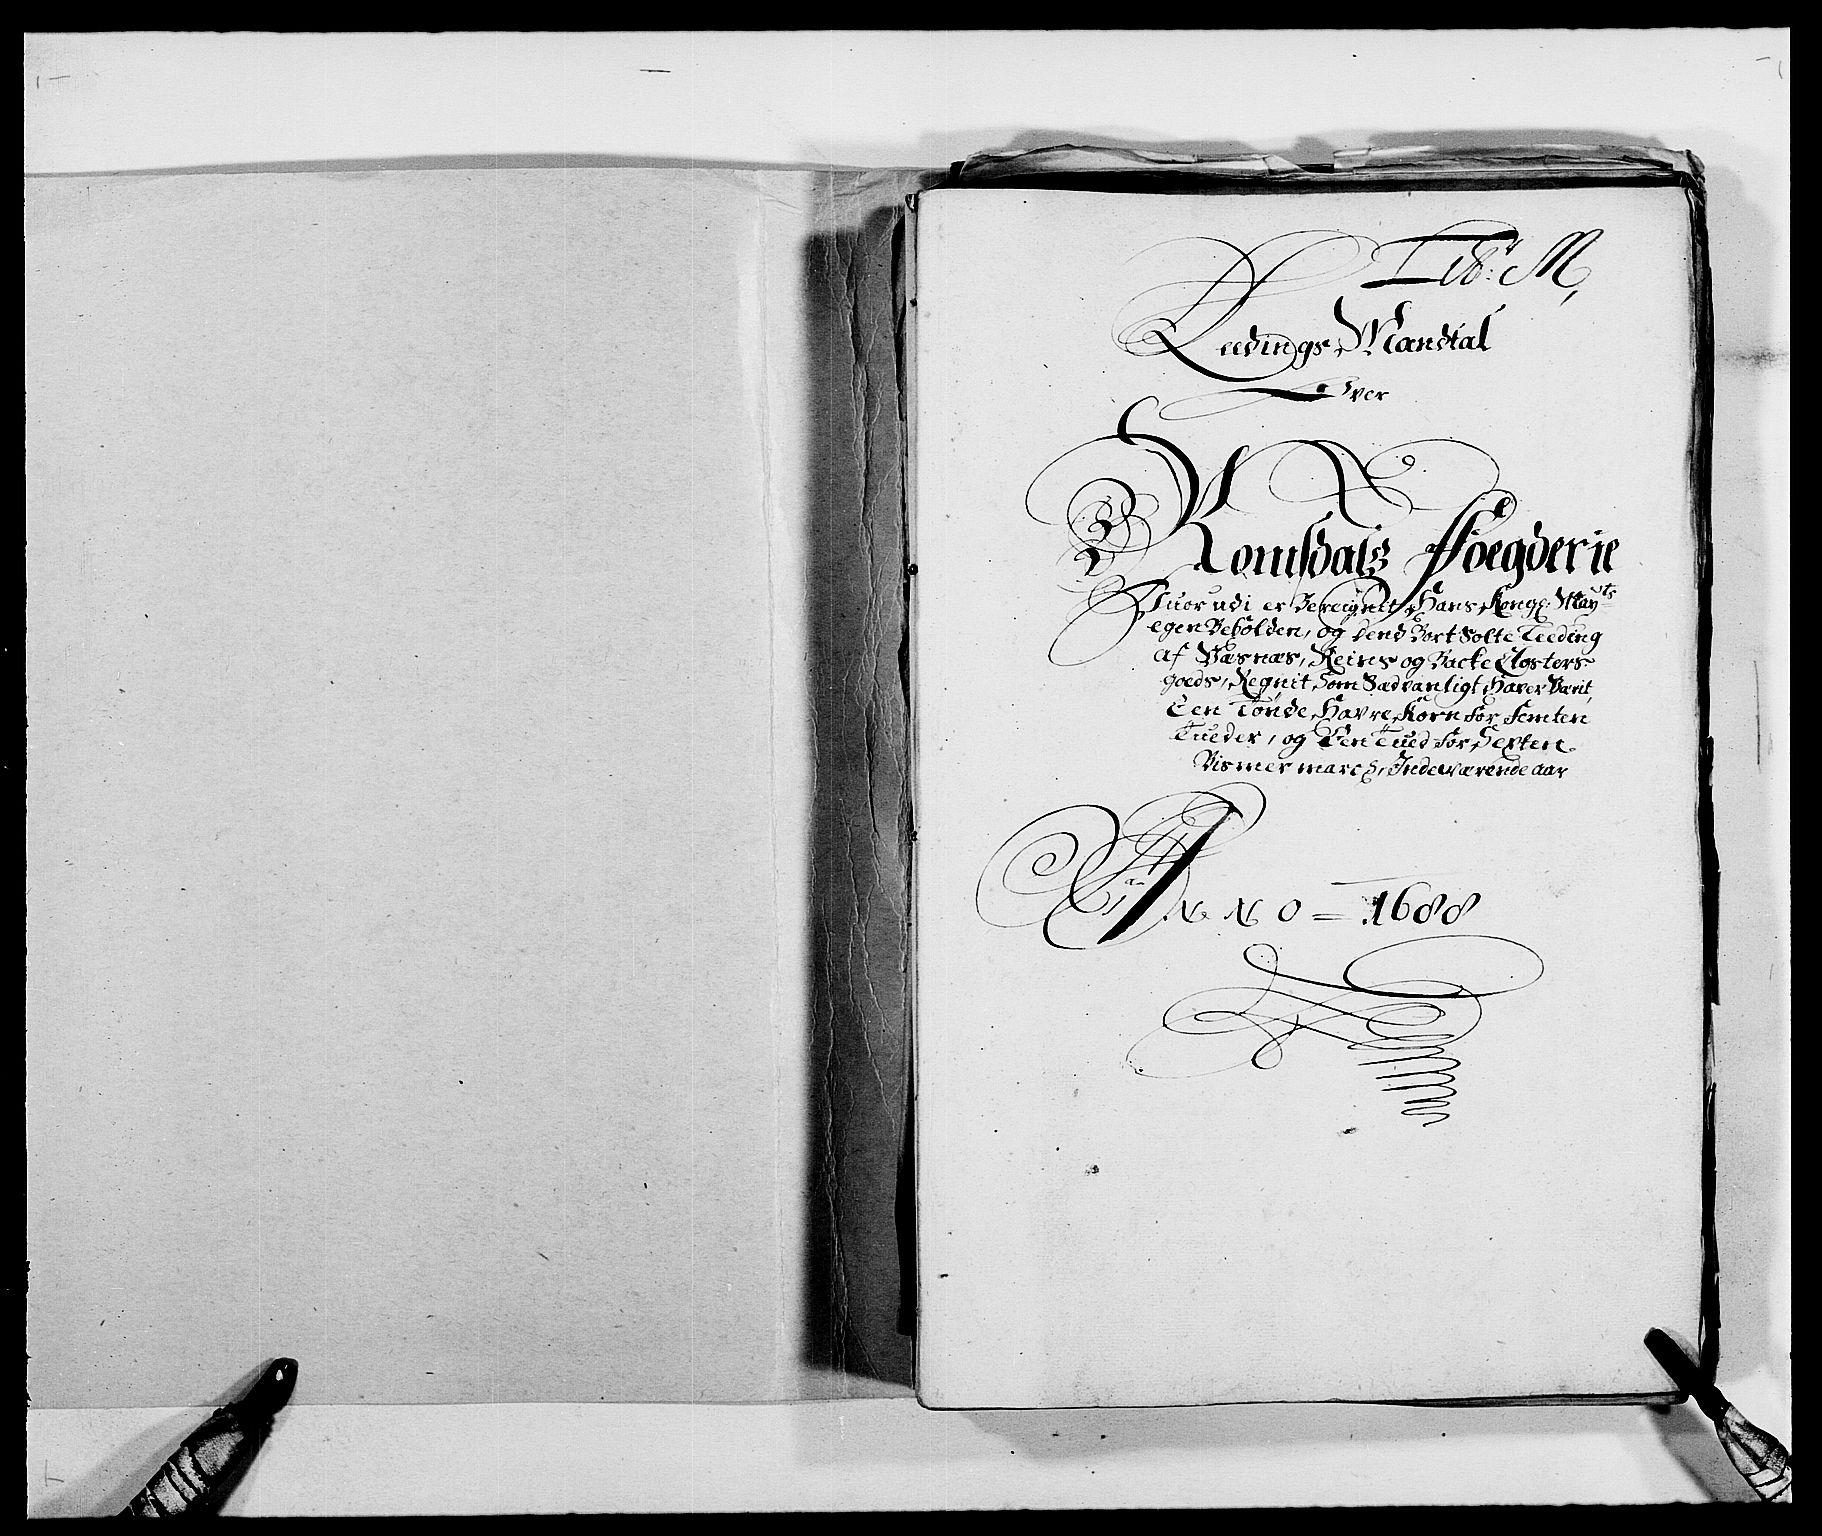 RA, Rentekammeret inntil 1814, Reviderte regnskaper, Fogderegnskap, R55/L3648: Fogderegnskap Romsdal, 1687-1689, s. 269